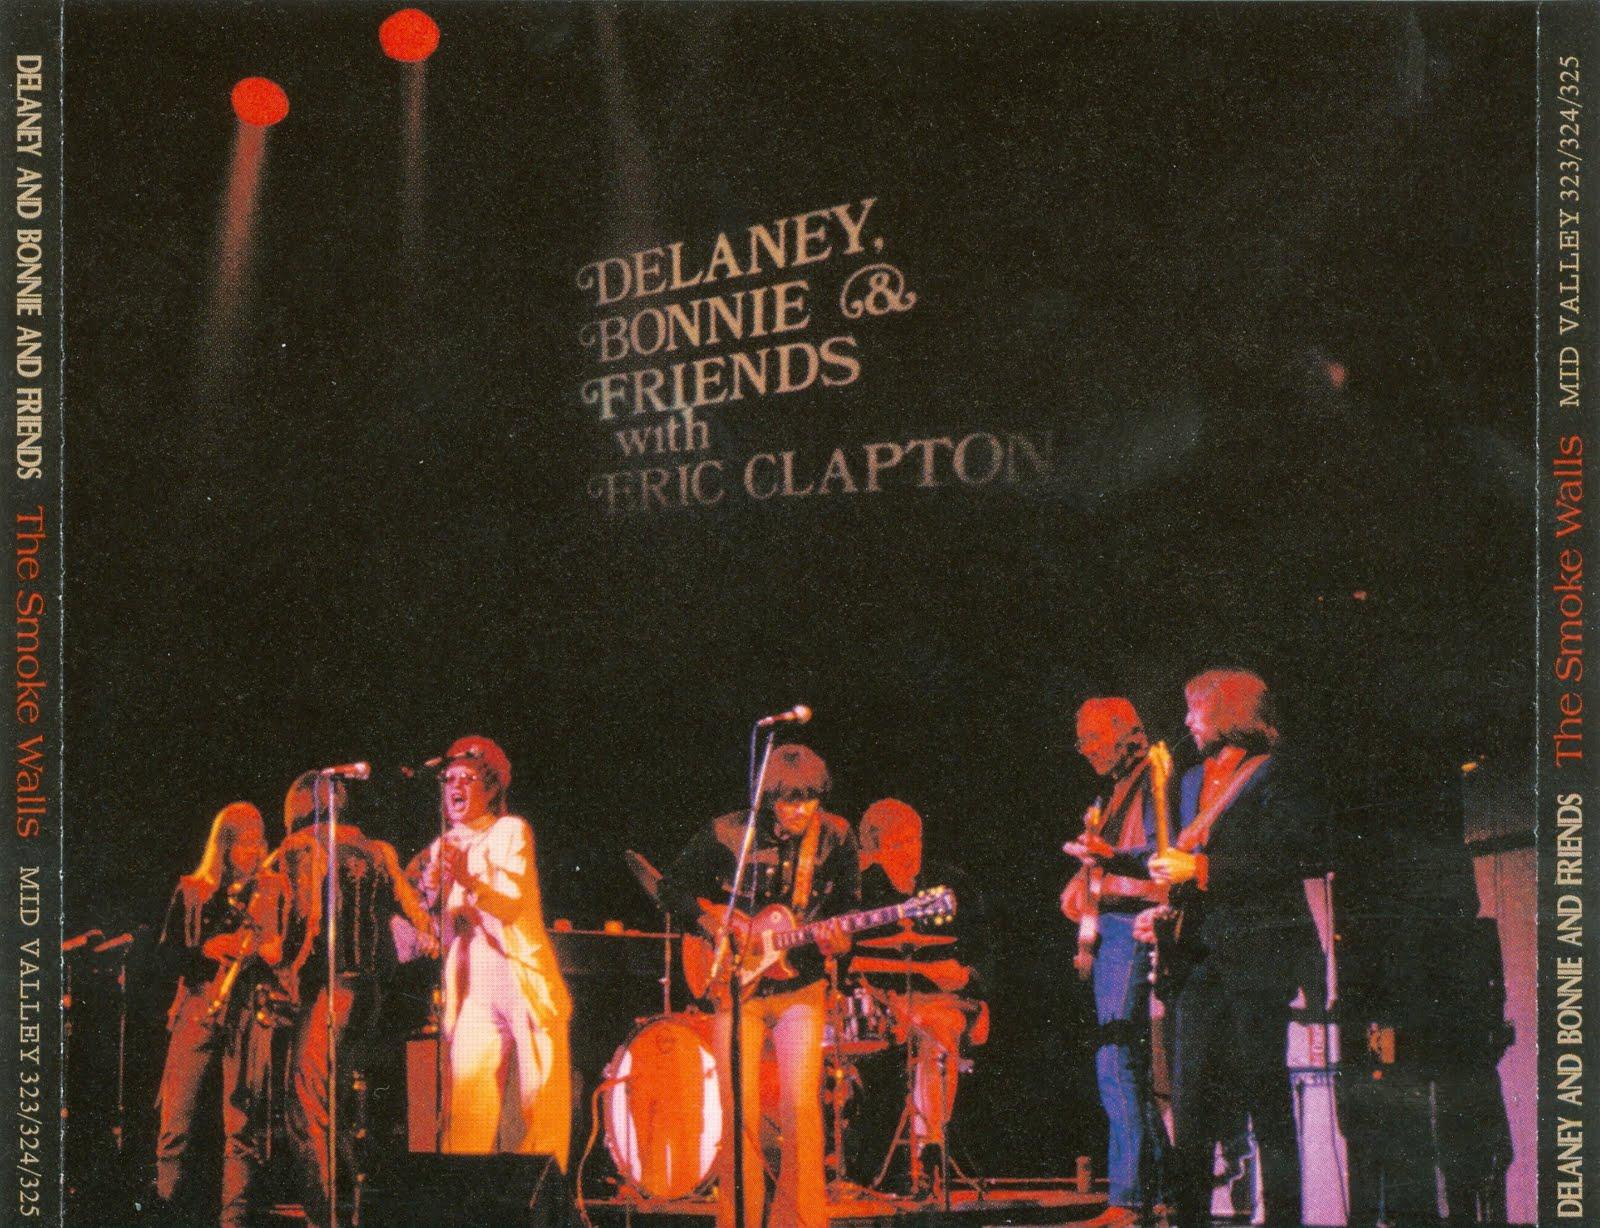 Delaney & Bonnie & Friends - Página 2 Front%2Bout